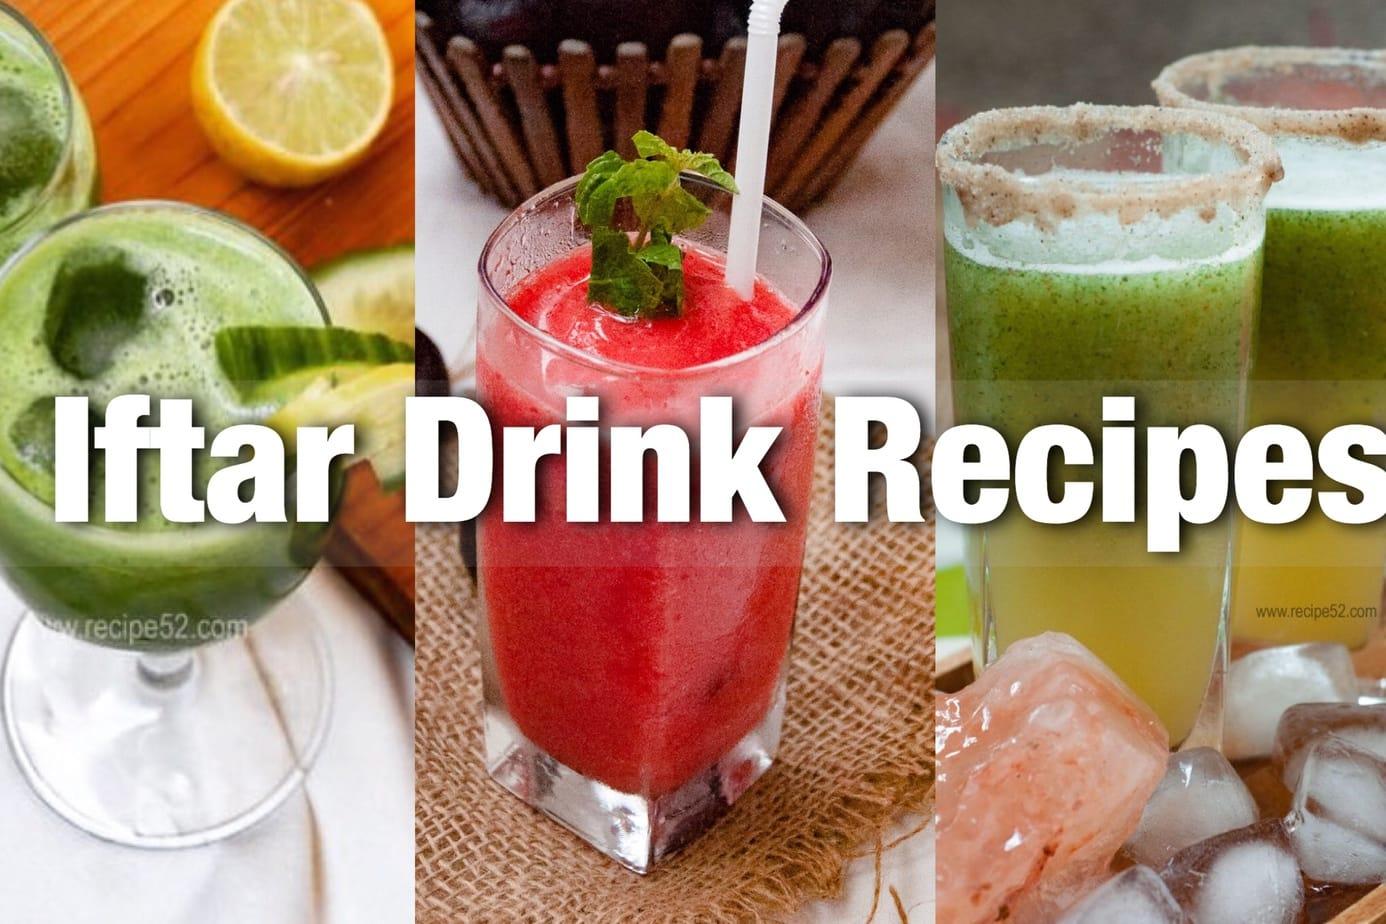 iftar drink recipes